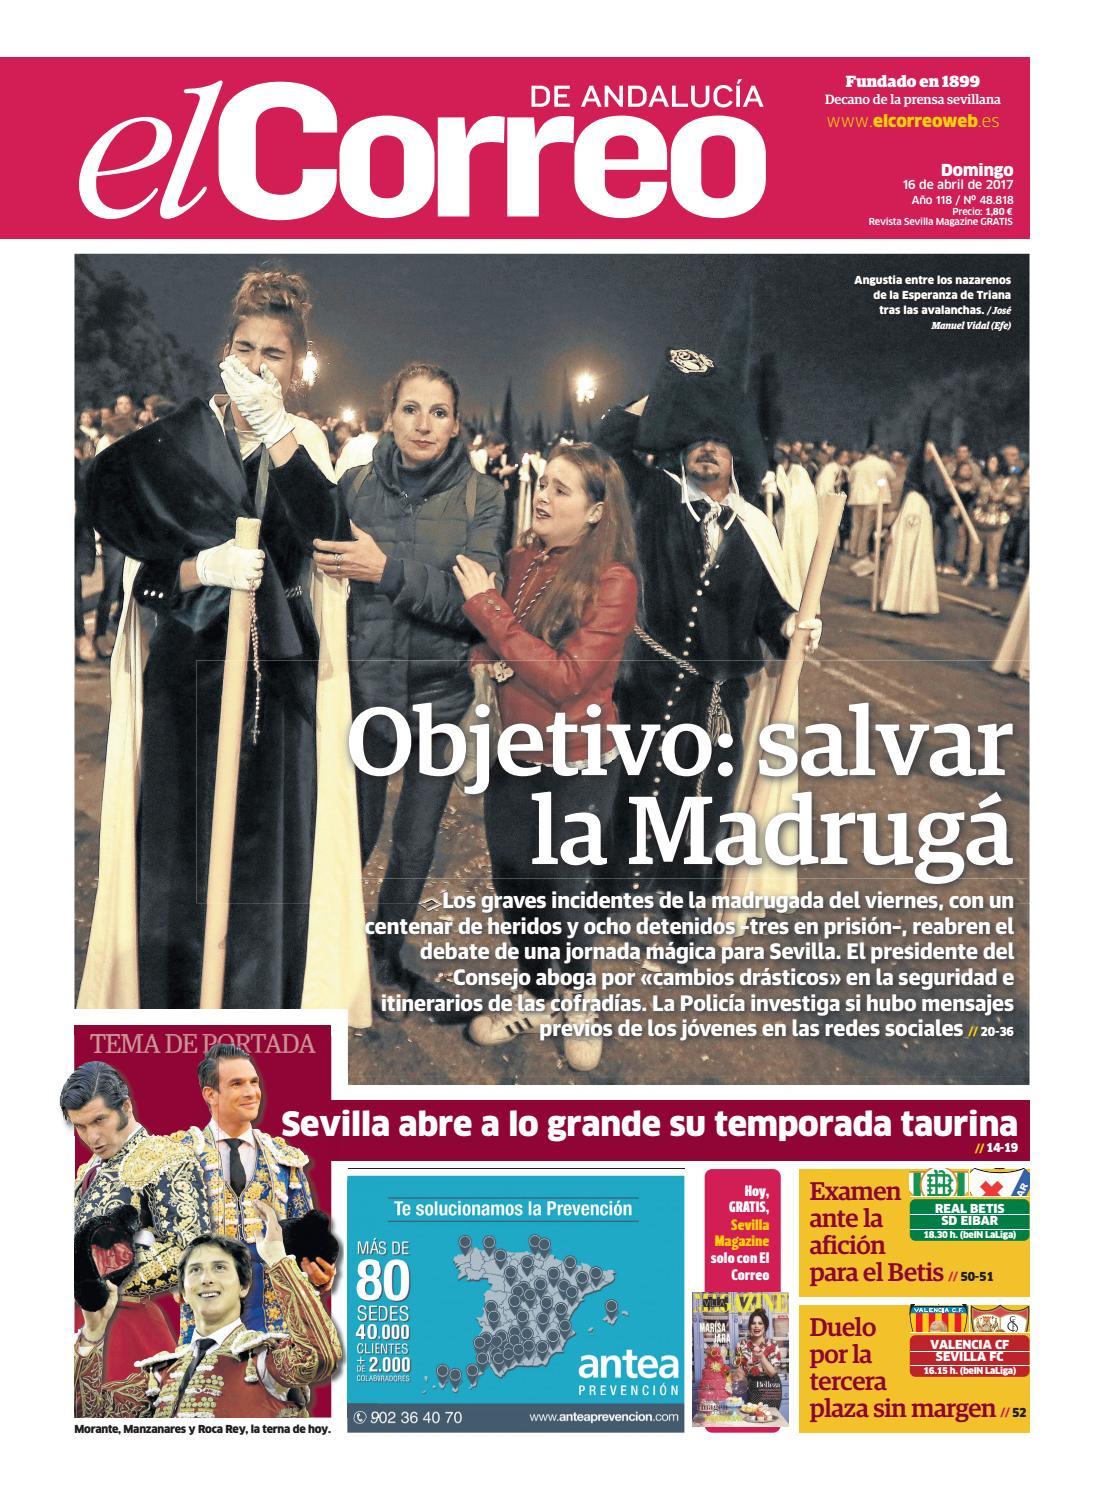 ecd60ca66726f 16 04 2017 El Correo de Andalucía by EL CORREO DE ANDALUCÍA S.L. - issuu